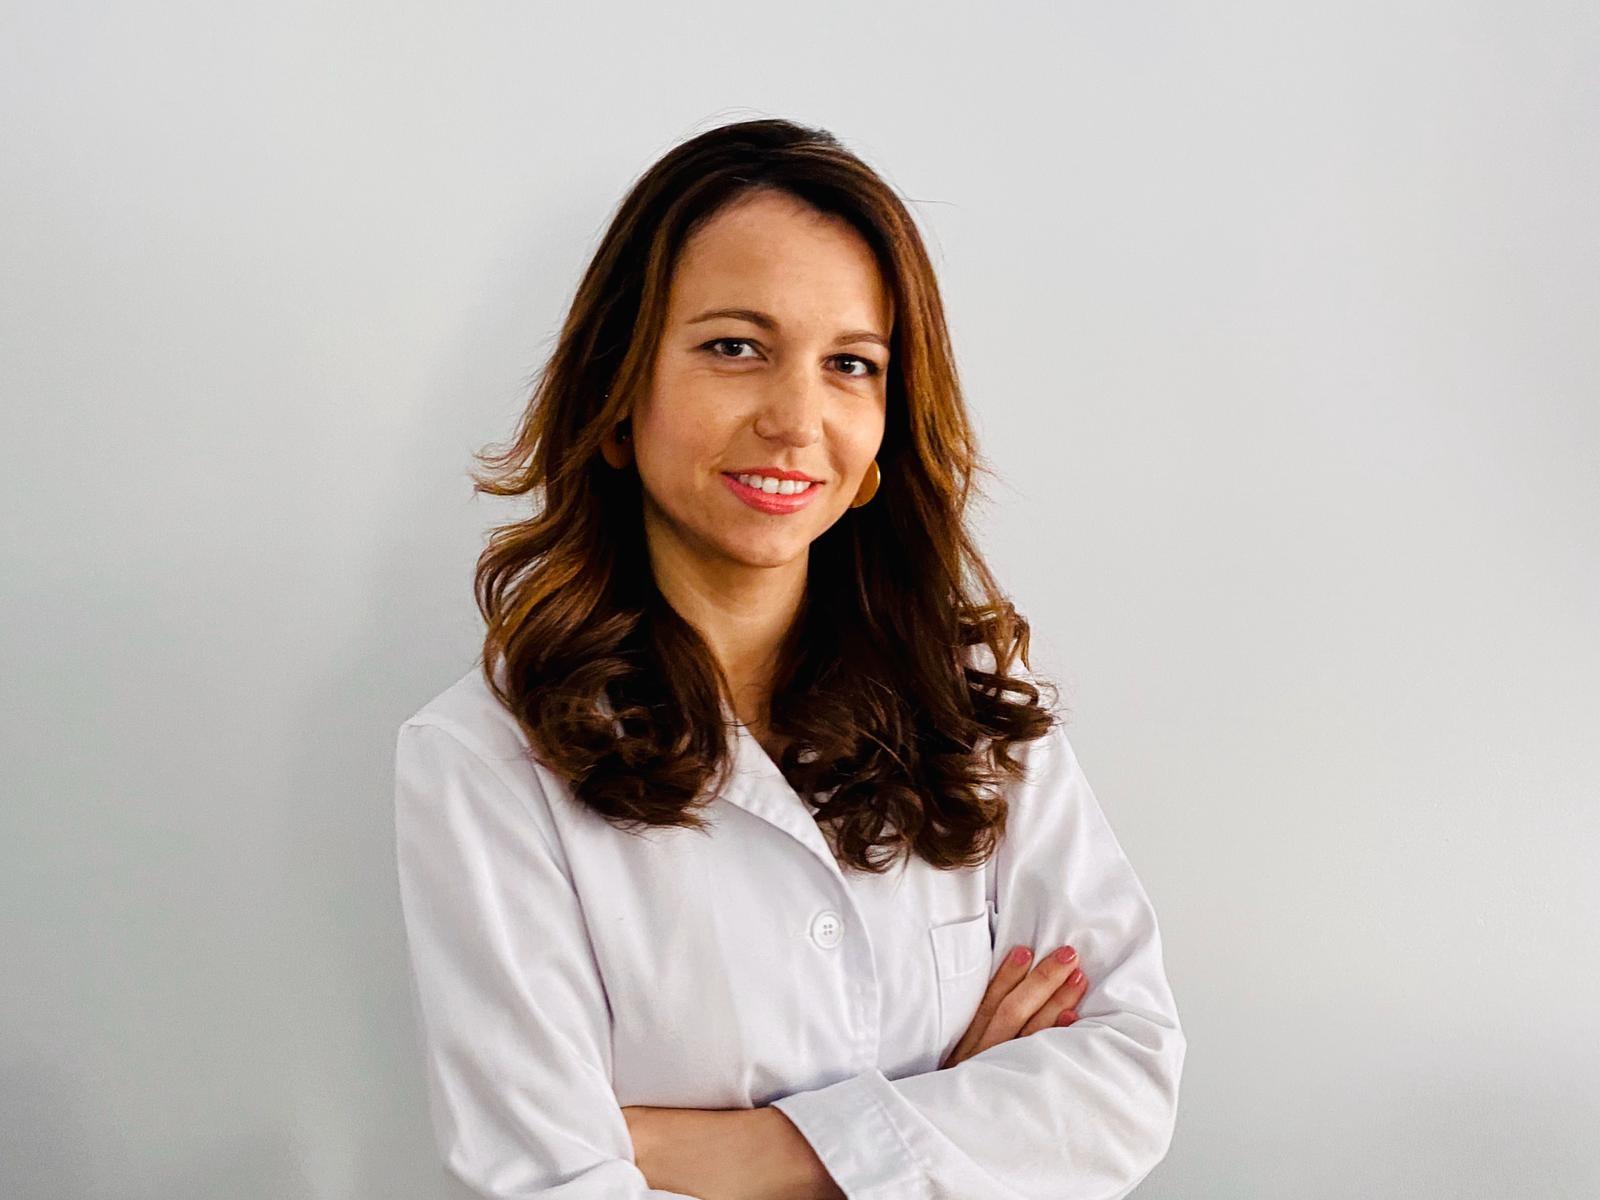 Sara Alcantara